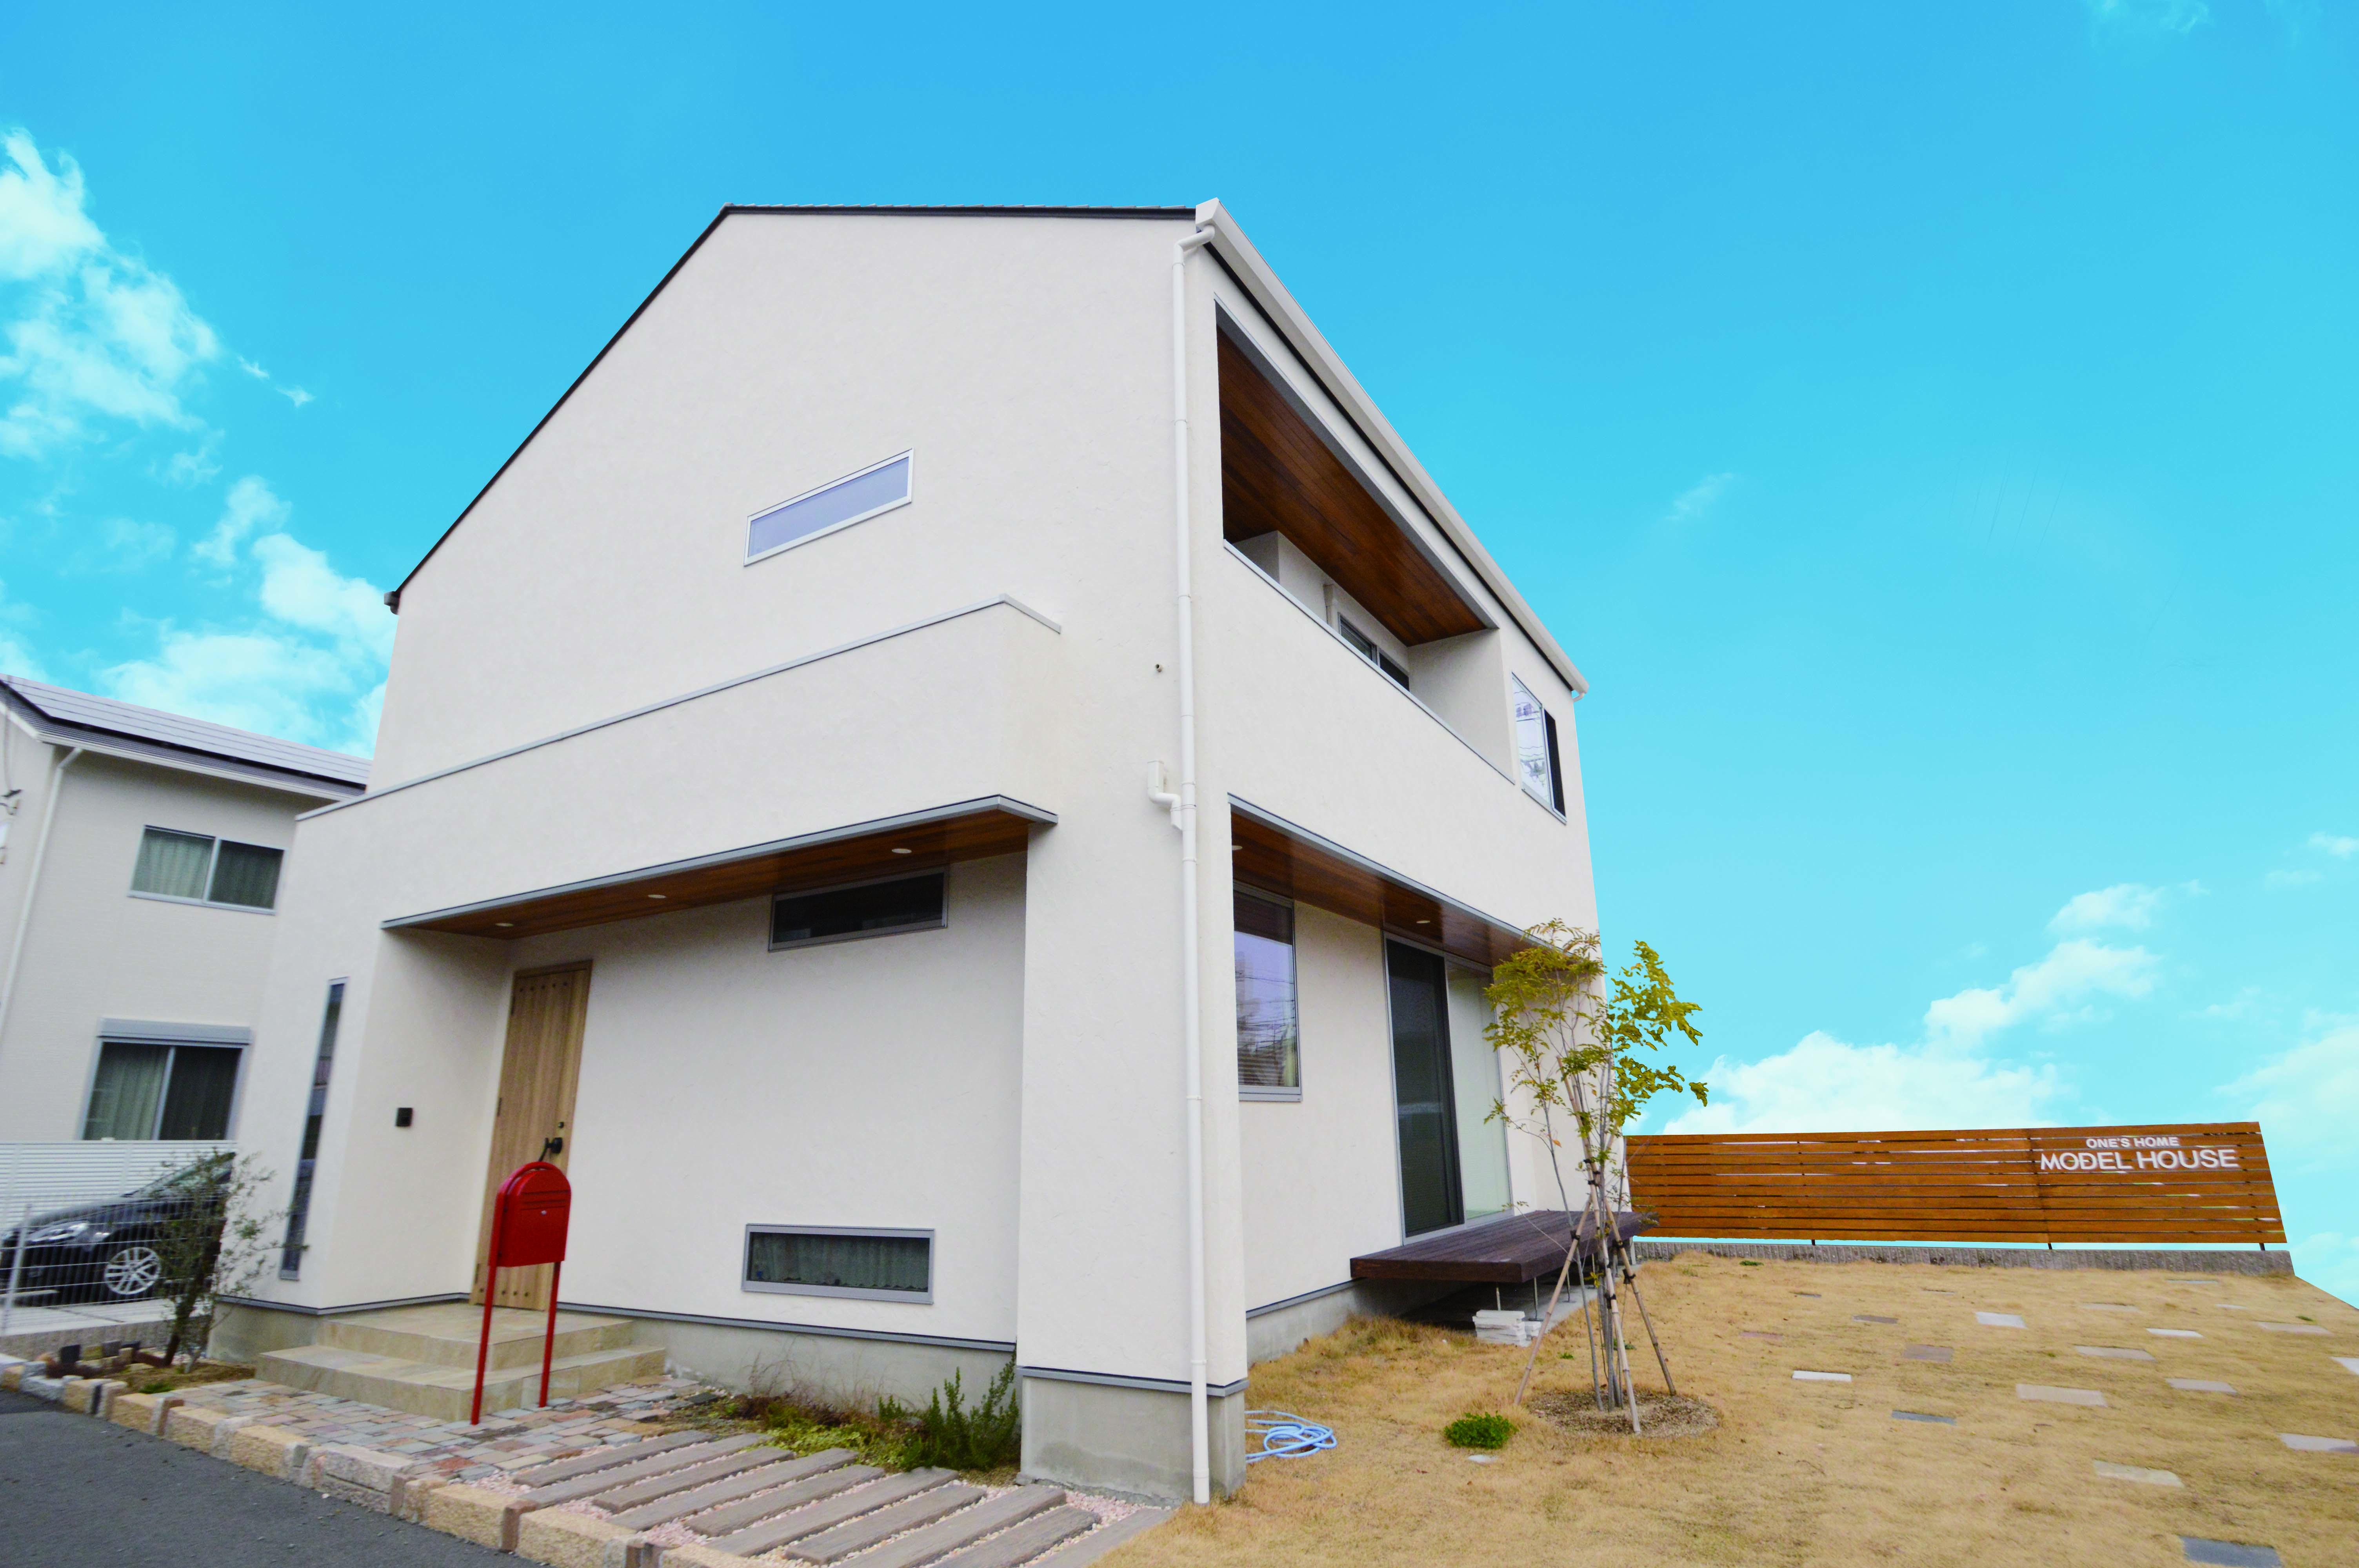 【MODEL HOUSE】 おしゃれママさん向けの北欧スタイルのお家 ※予約制